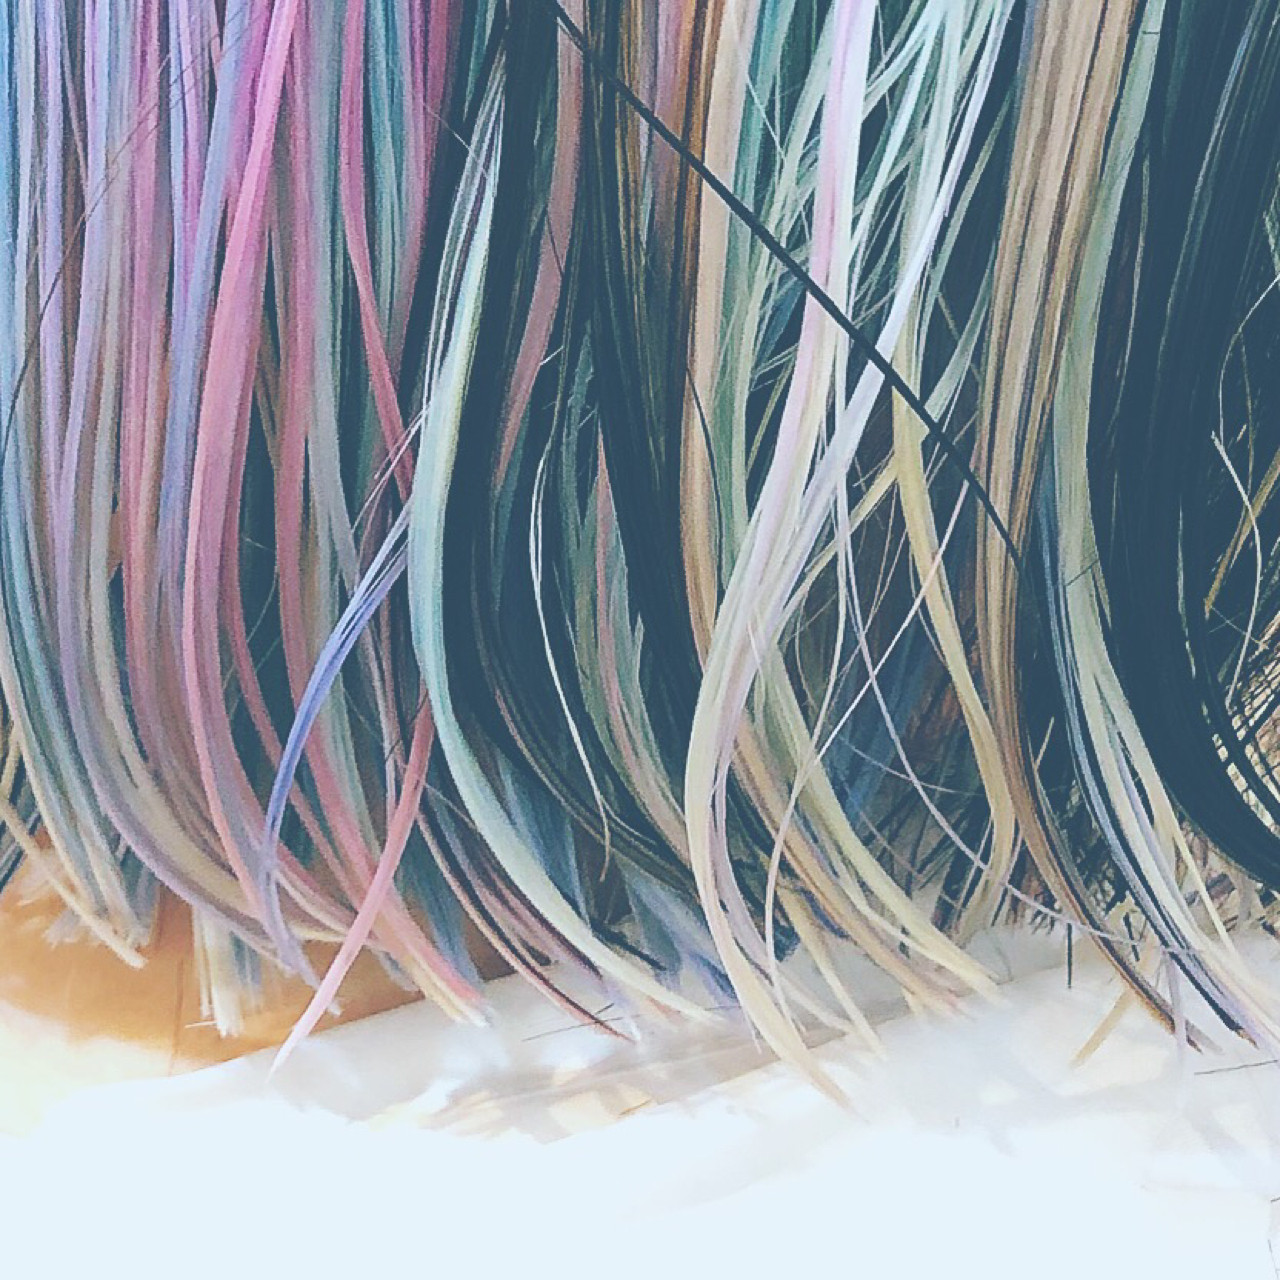 ボブ ガーリー ピンク ハイライト ヘアスタイルや髪型の写真・画像 | RUMINA //高田ゆみこ / Rumina